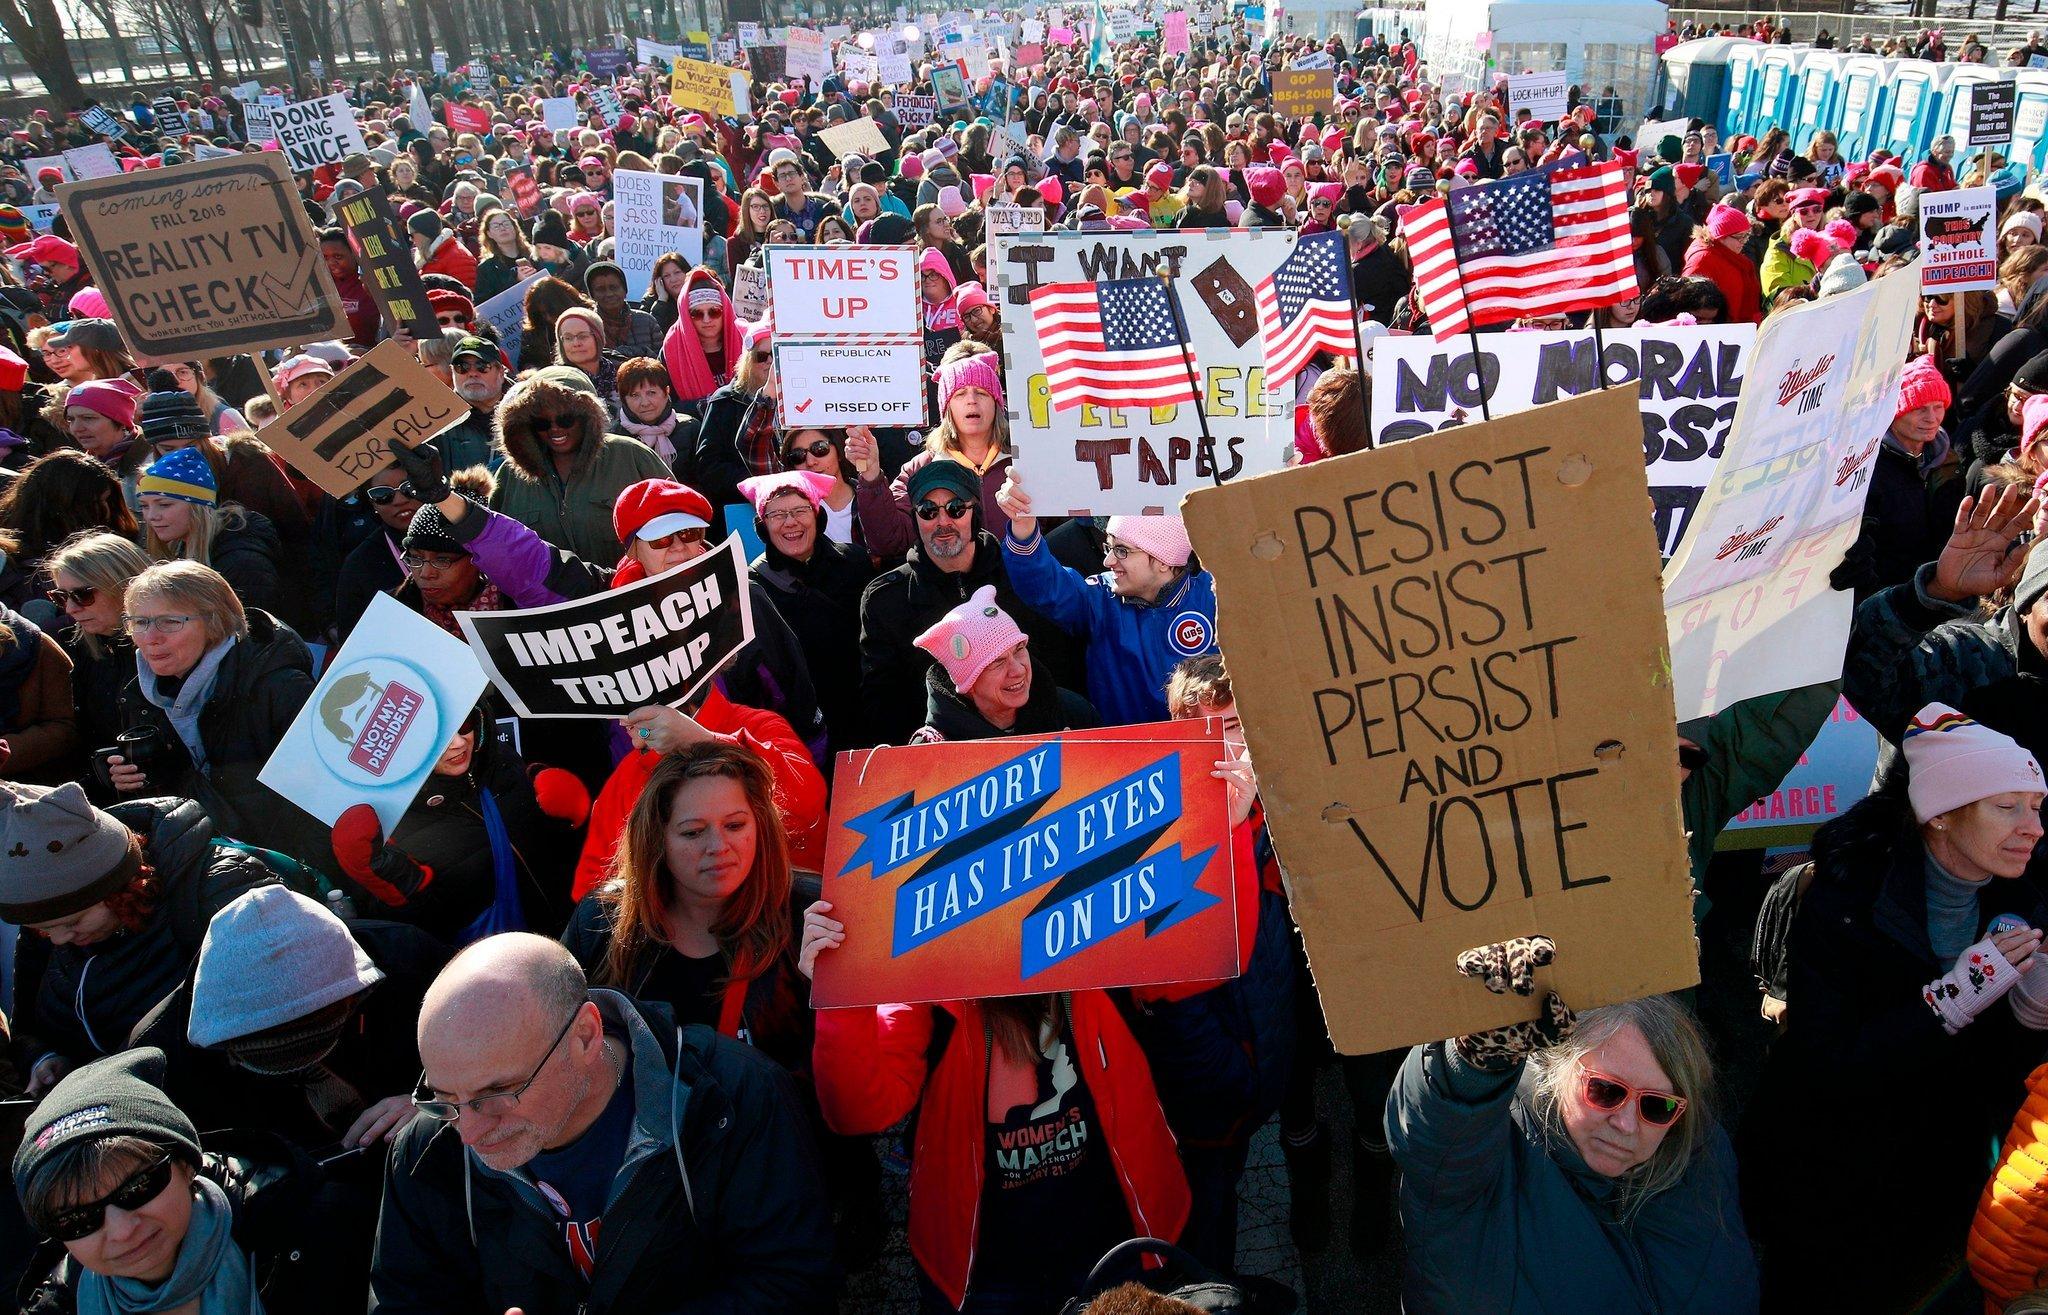 تصویر نتایج انتخابات میاندورهای آمریکا، و شکست جمهوریخواهان